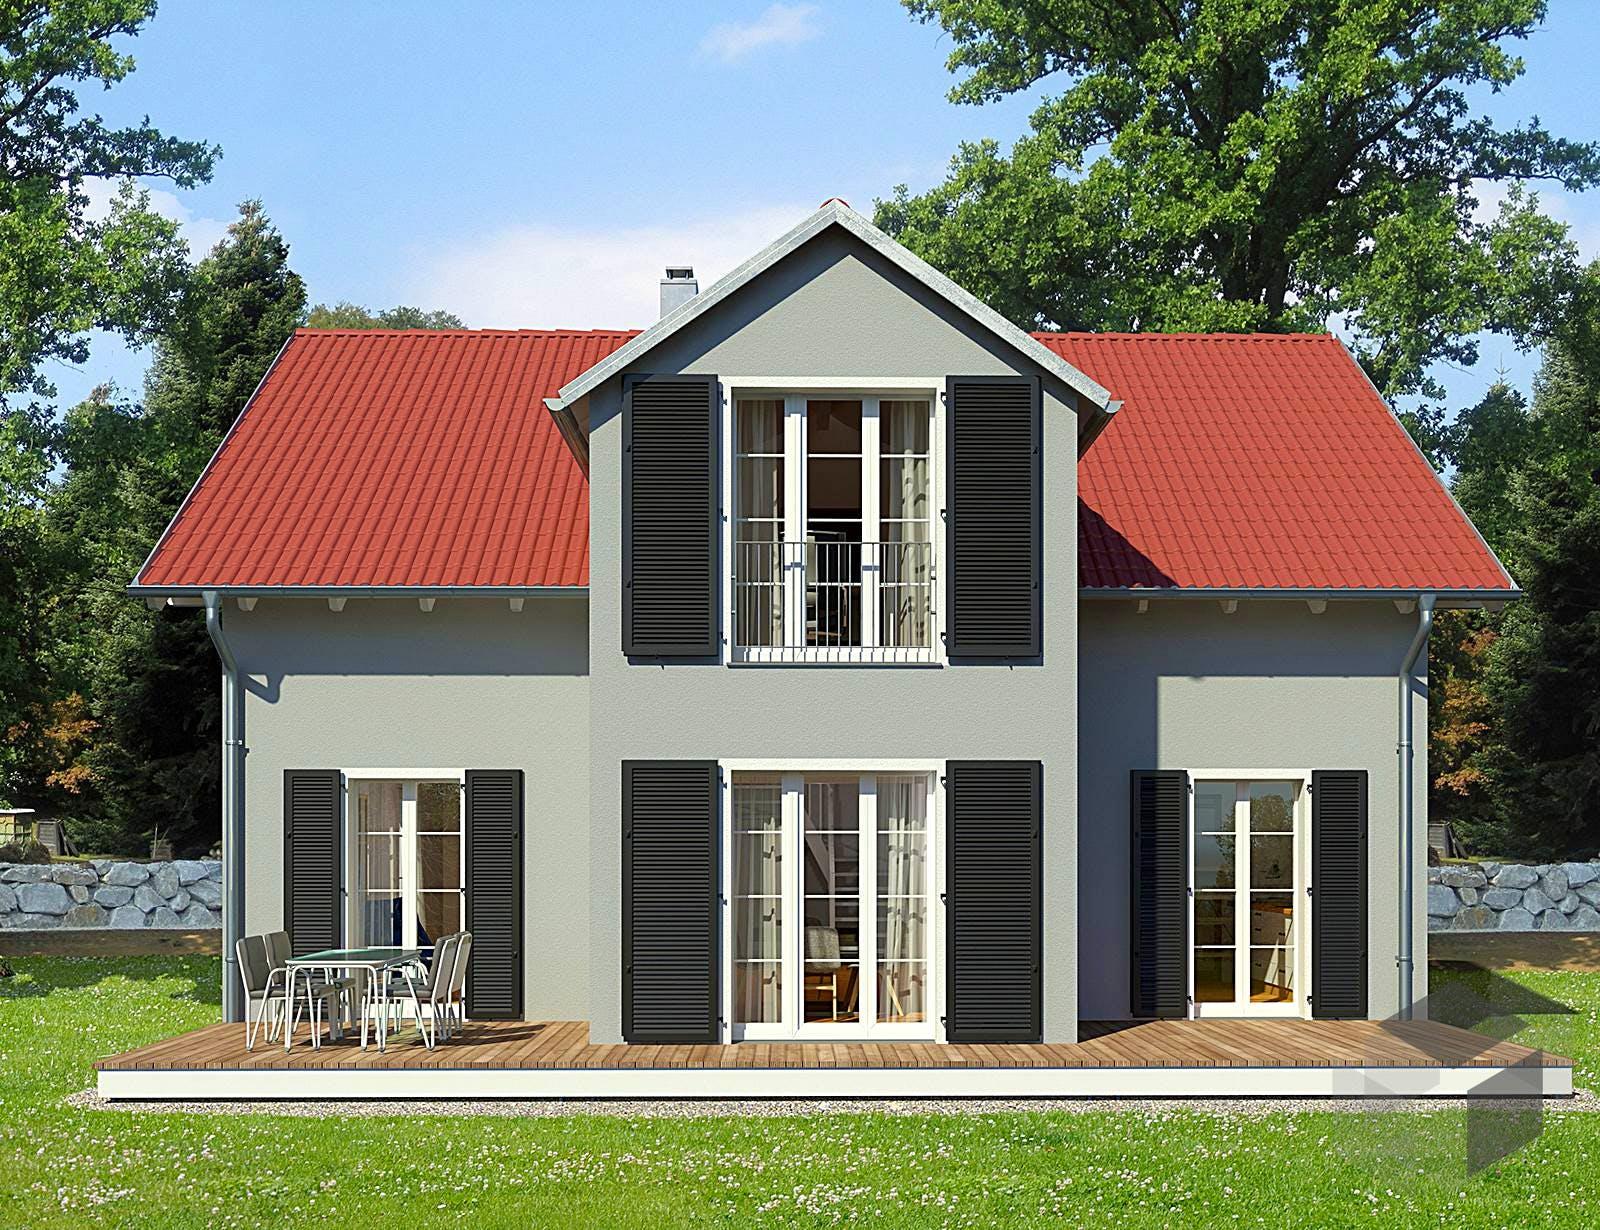 raumwunder 155 von baufritz komplette daten bersicht. Black Bedroom Furniture Sets. Home Design Ideas